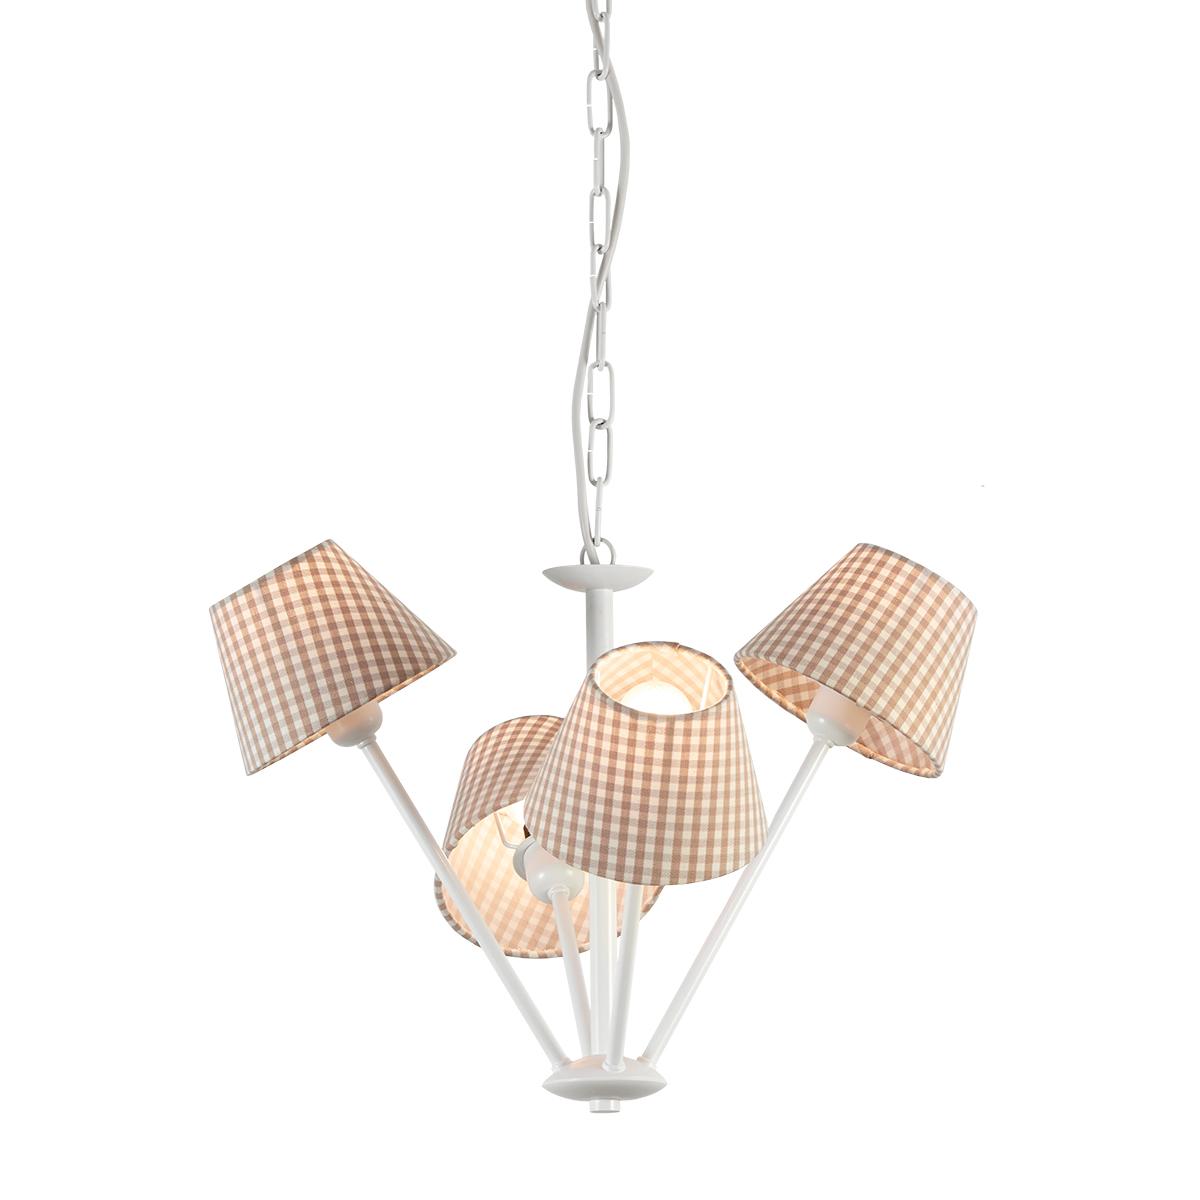 Κρεμαστό φωτιστικό με καφέ καρό καπέλα CAROUSEL pendant lamp with brown plaided shades